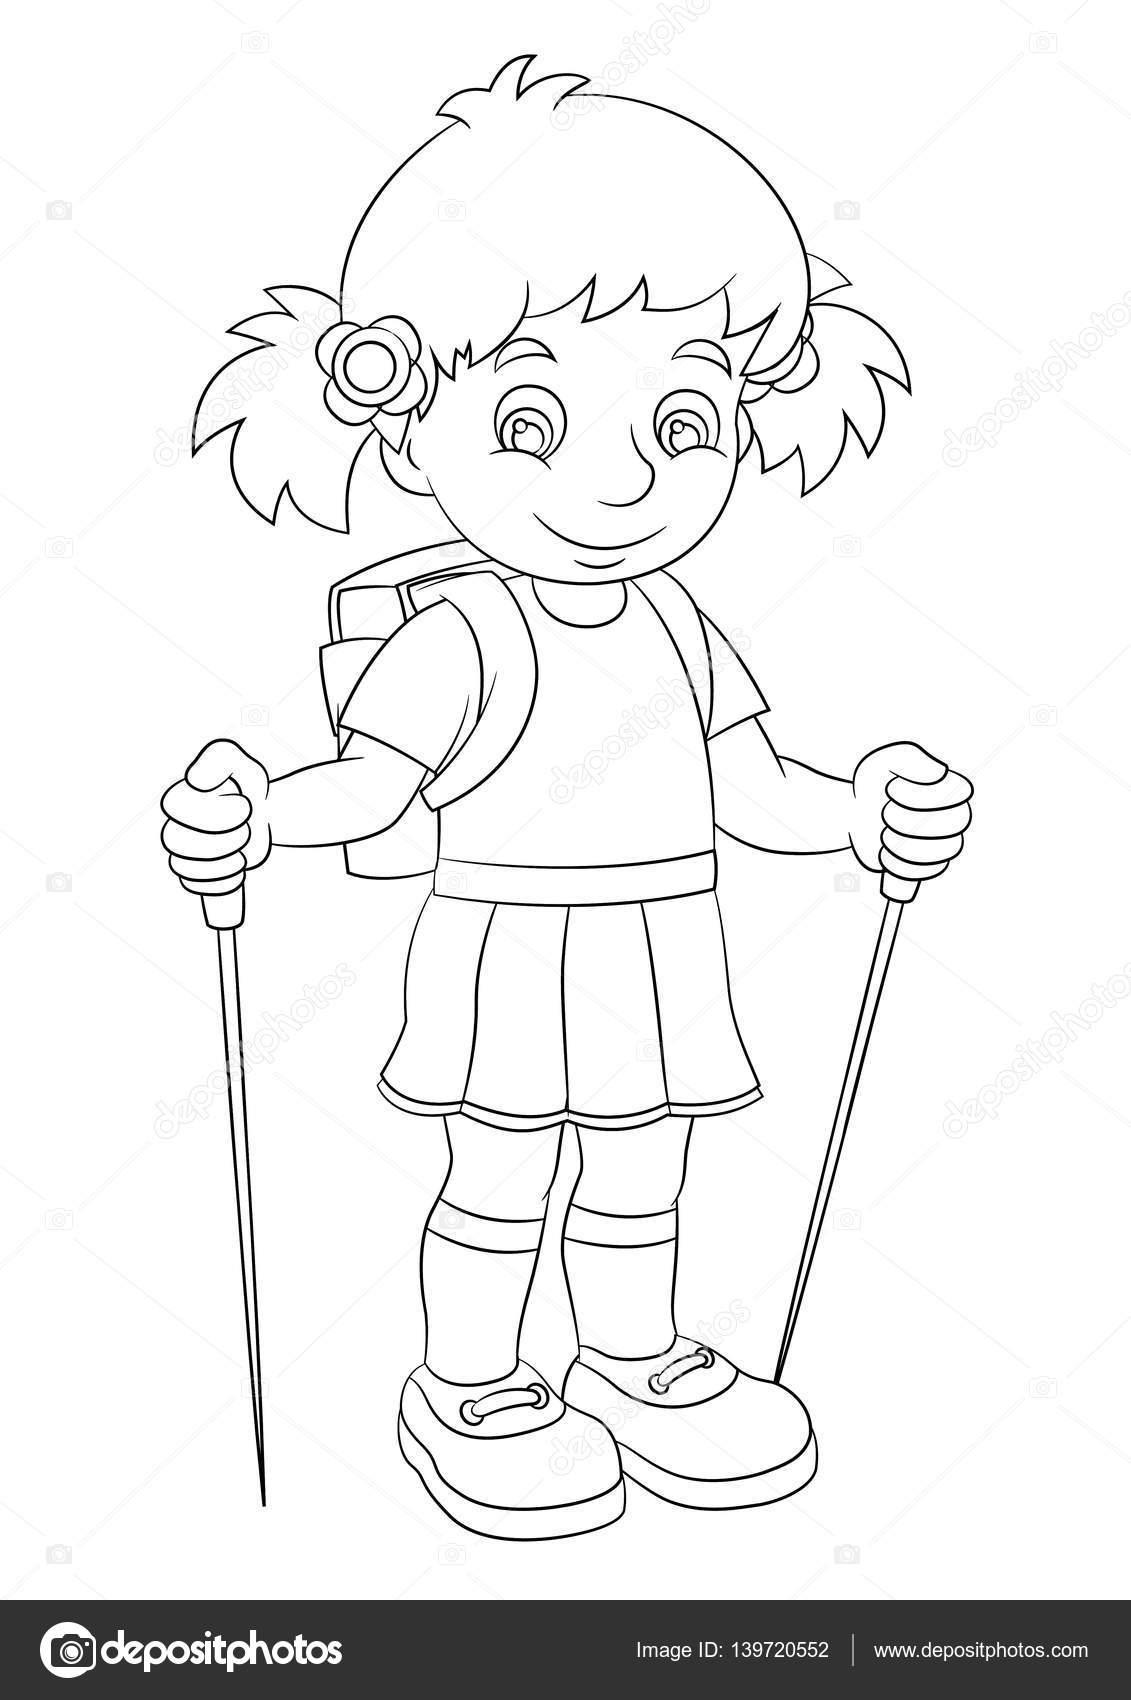 Dibujos Niños Sentados Animados Para Colorear Chica Sentada Y